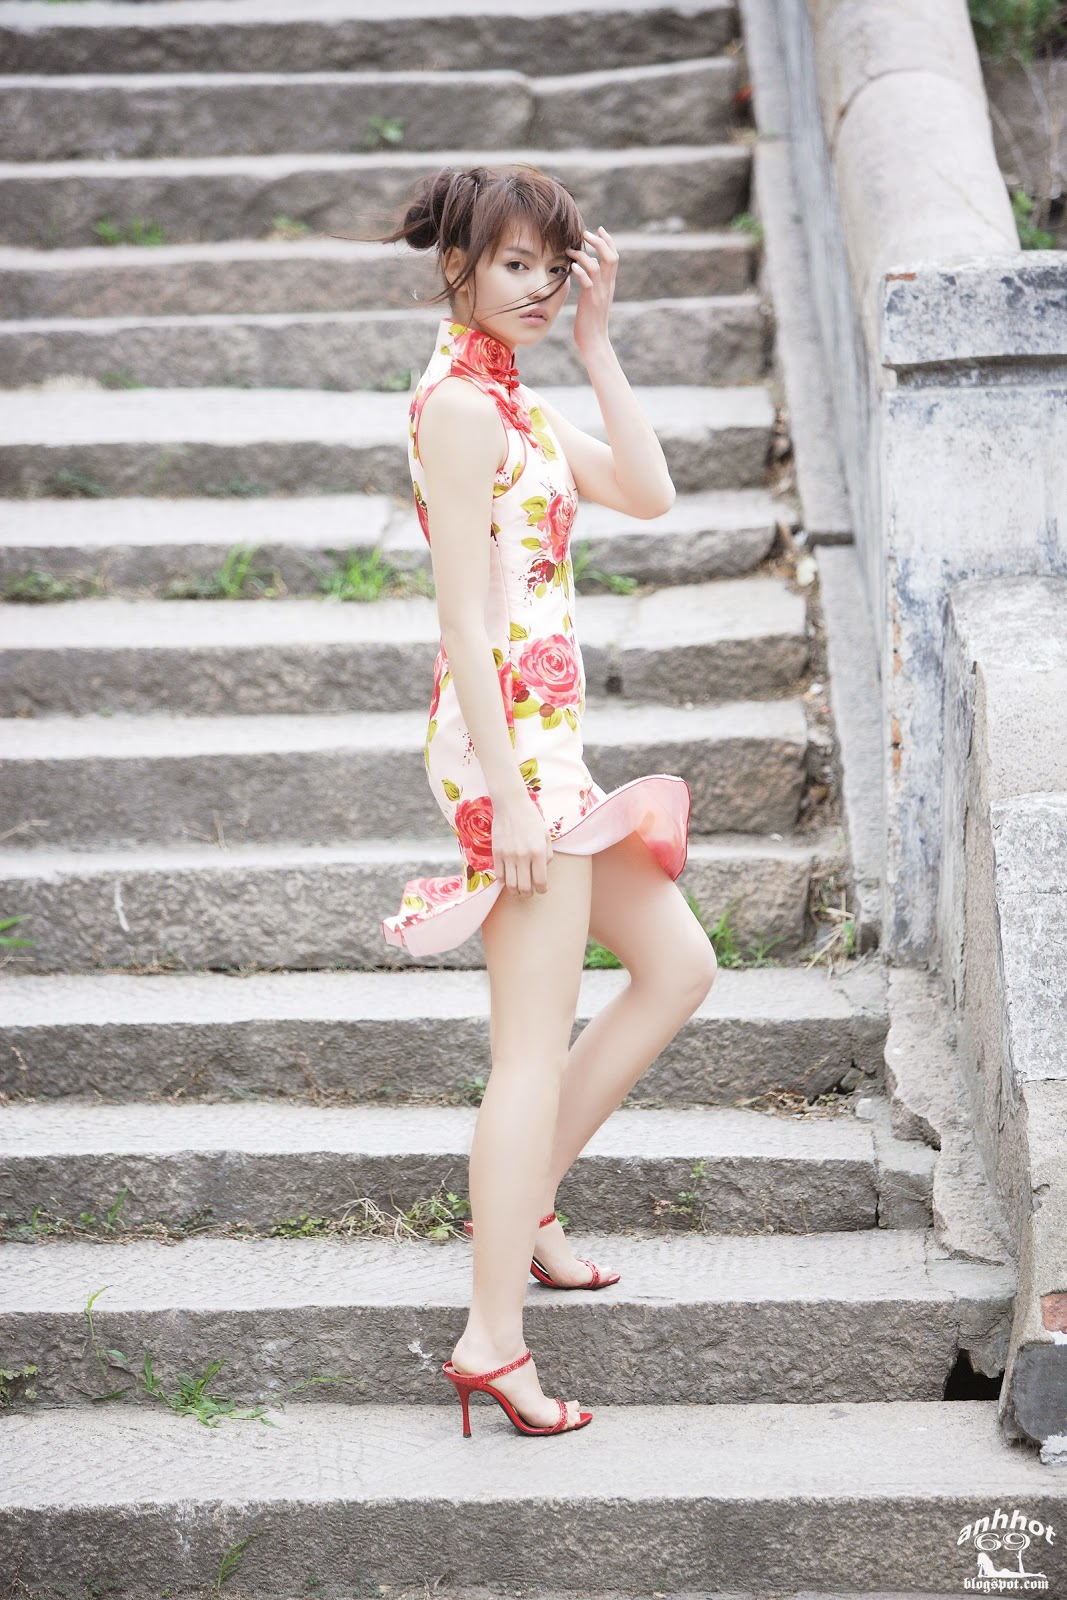 yuriko-shiratori-00499795